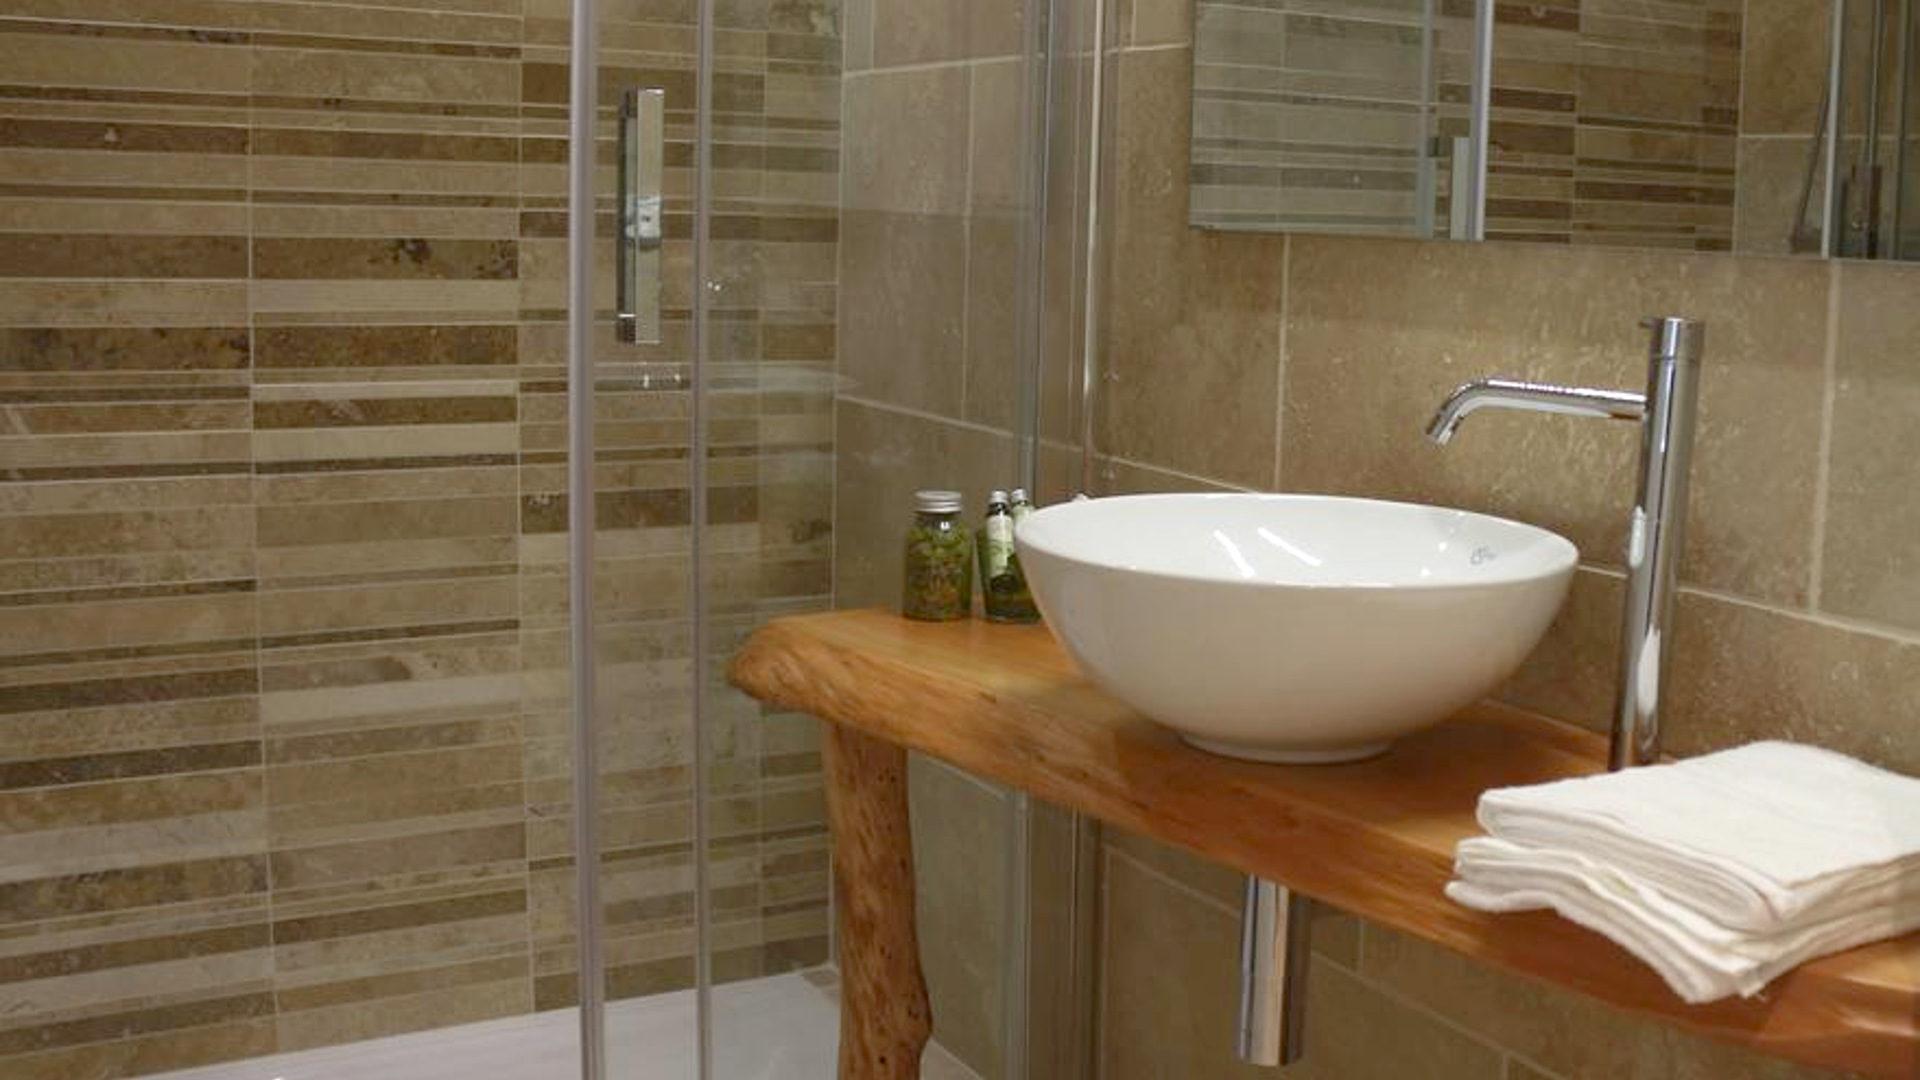 Bagno Legno E Mosaico : Bagno travertino e mosaico mosaico per decorare la cucina mosaici